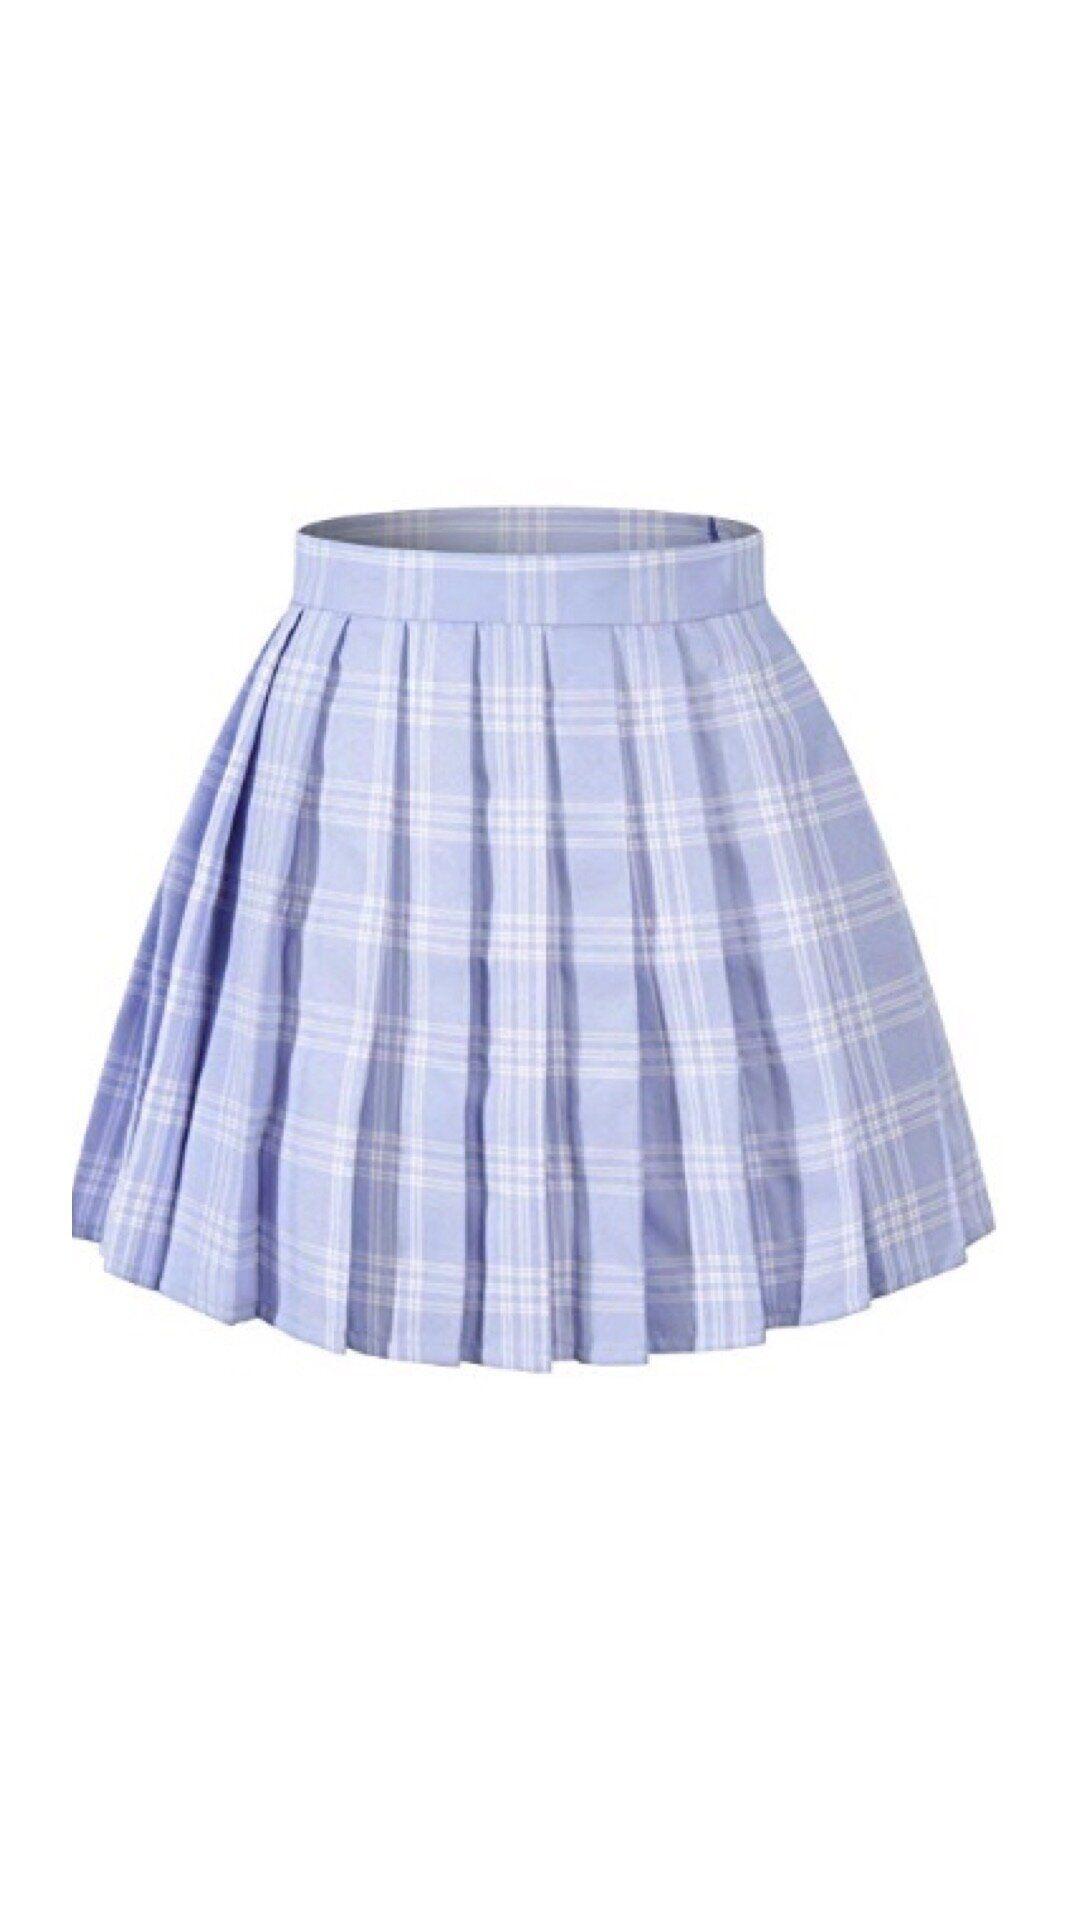 Blue Plaid Pleated School Tennis Mini Skirt